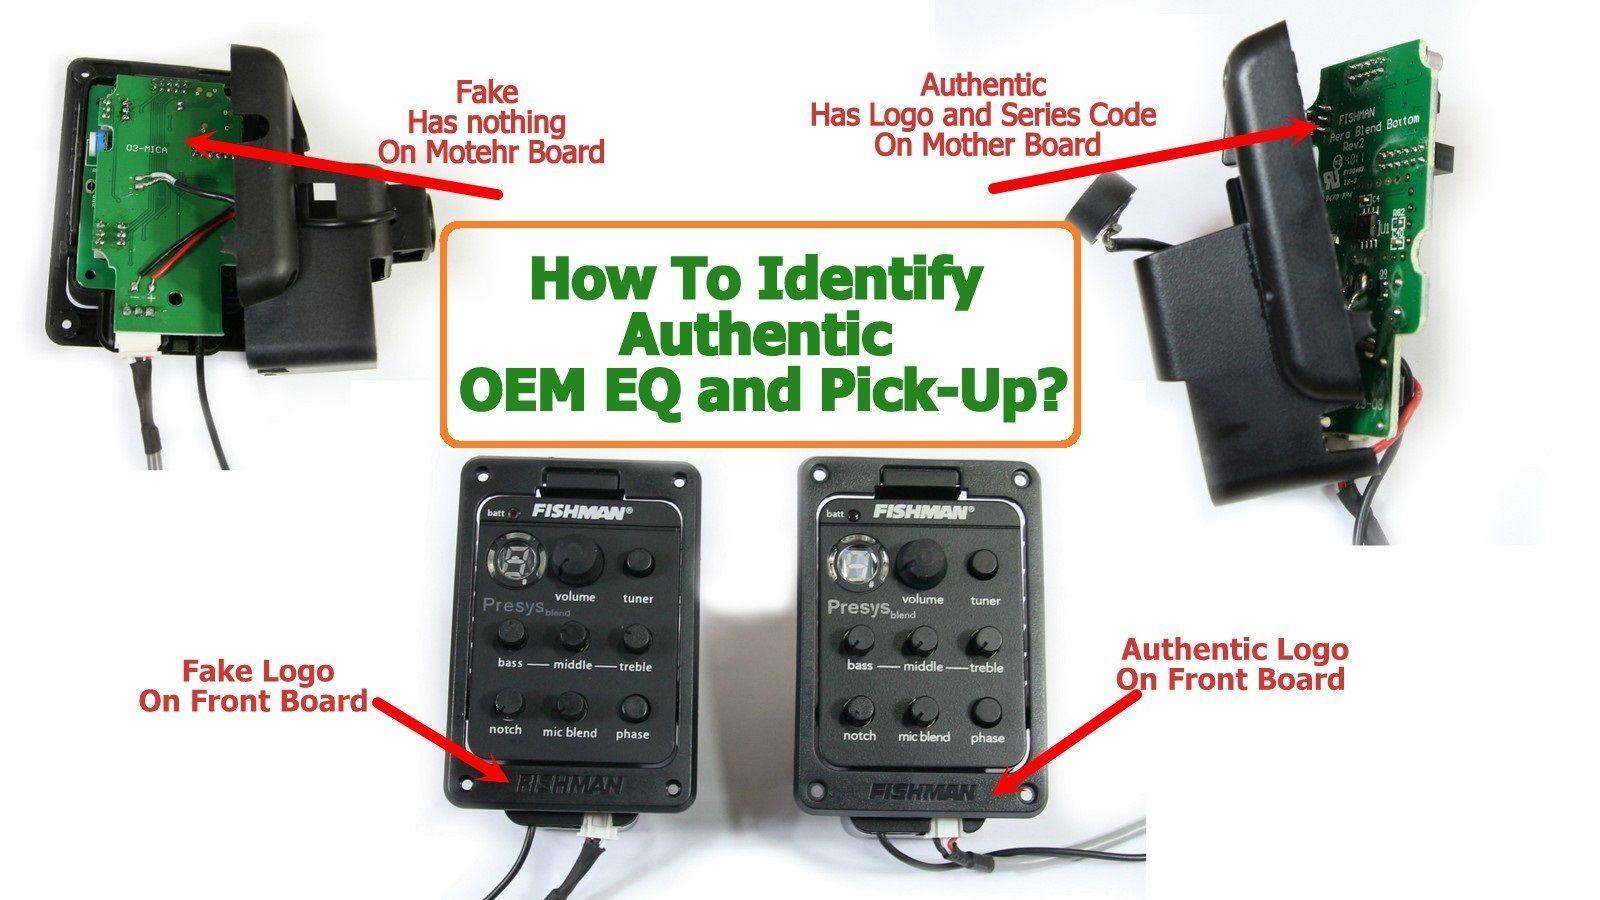 Auténtico OEM Presys Blend Eq instrucción de identificación identificación identificación de Micrófono  de8998